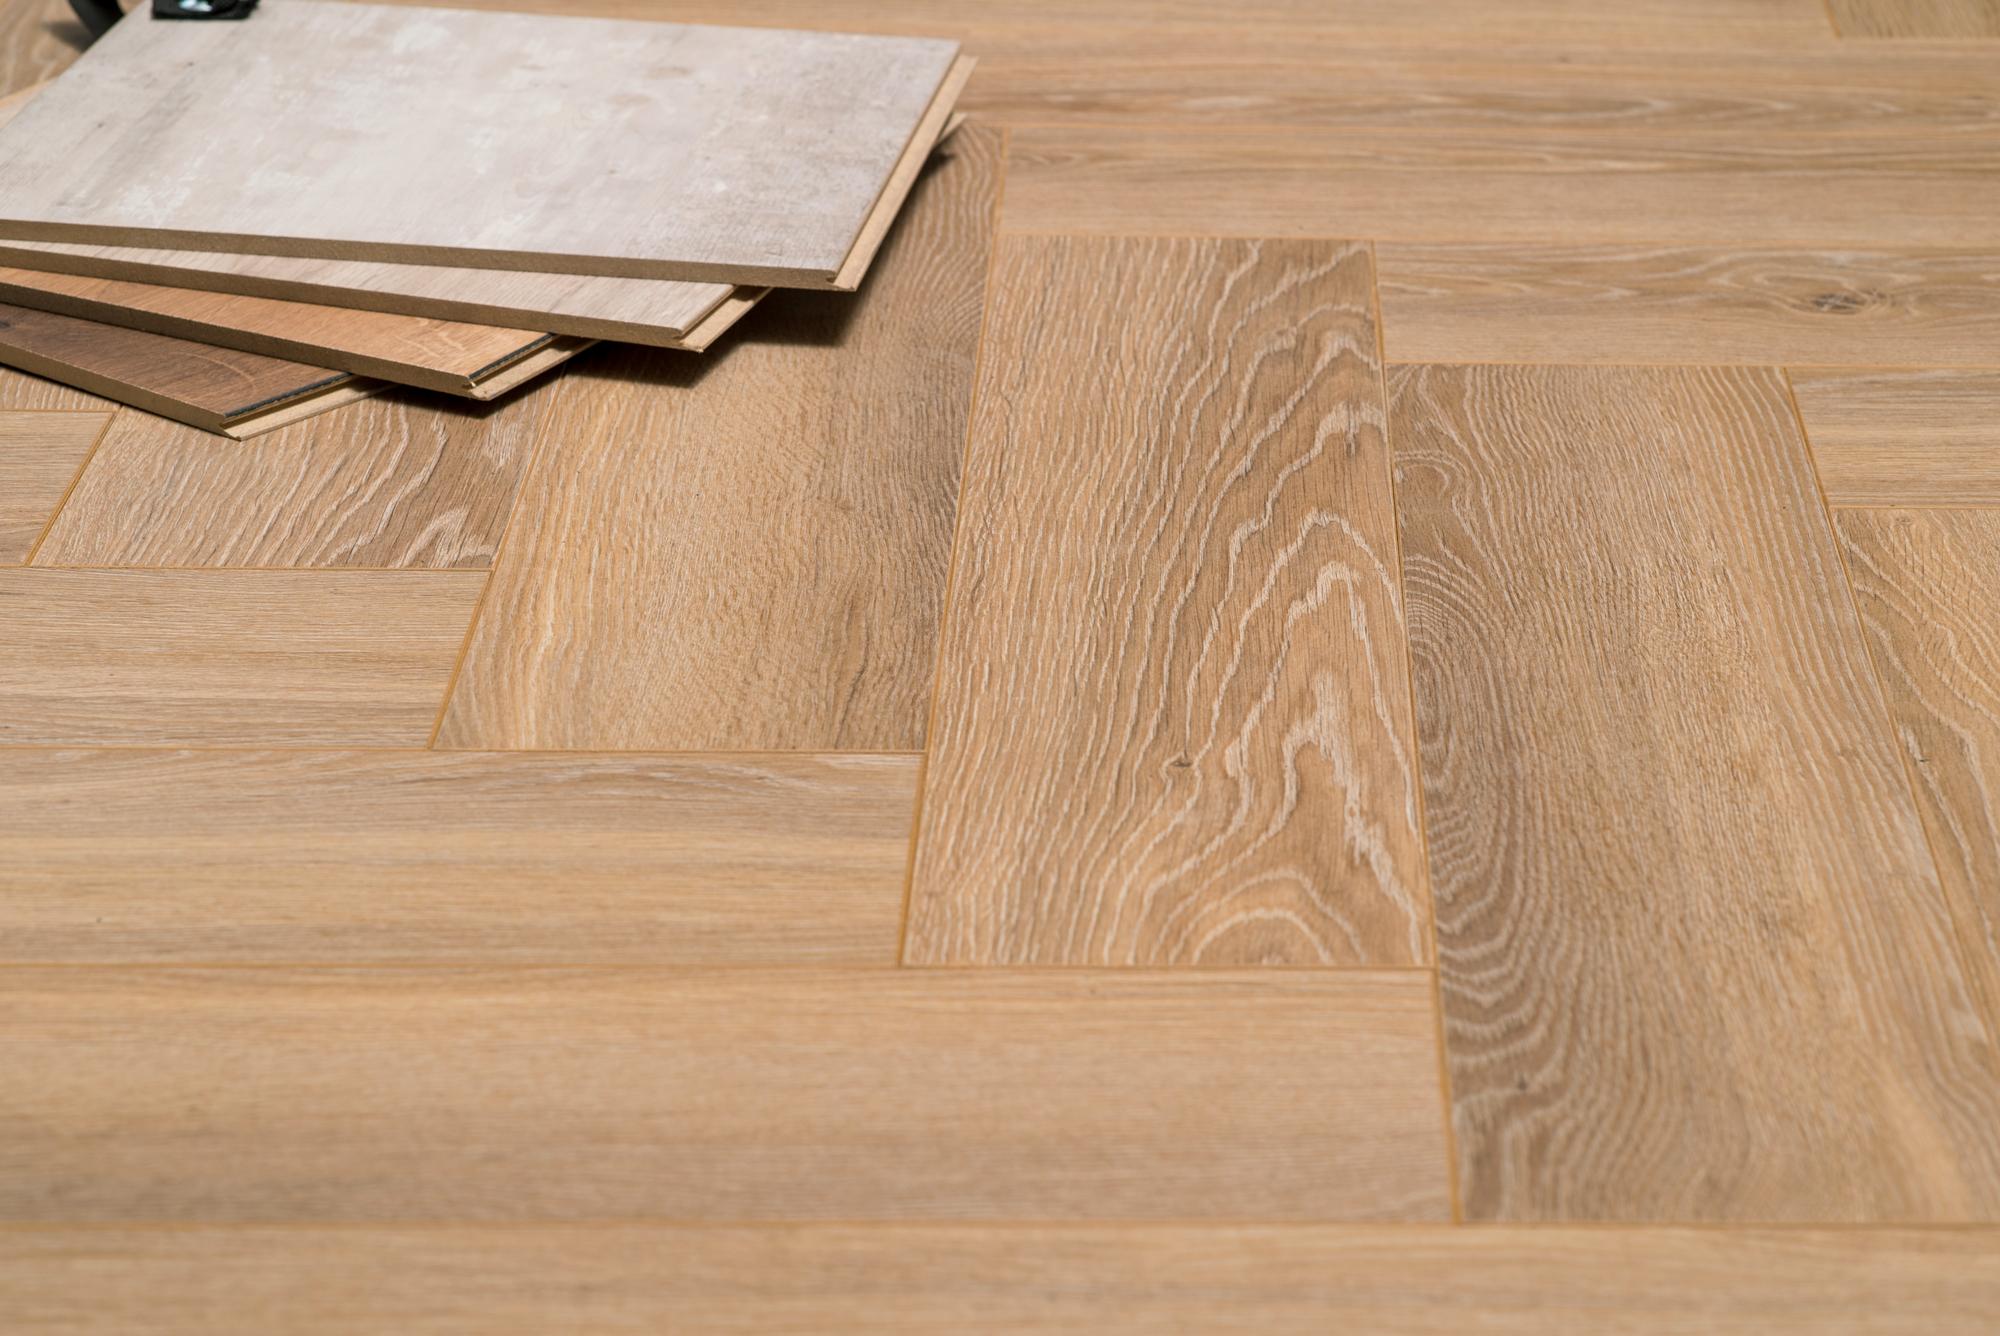 Kunstof Laminaat Vloeren : Proefplanken parket laminaat pvc vinyl vloeren floer quick step